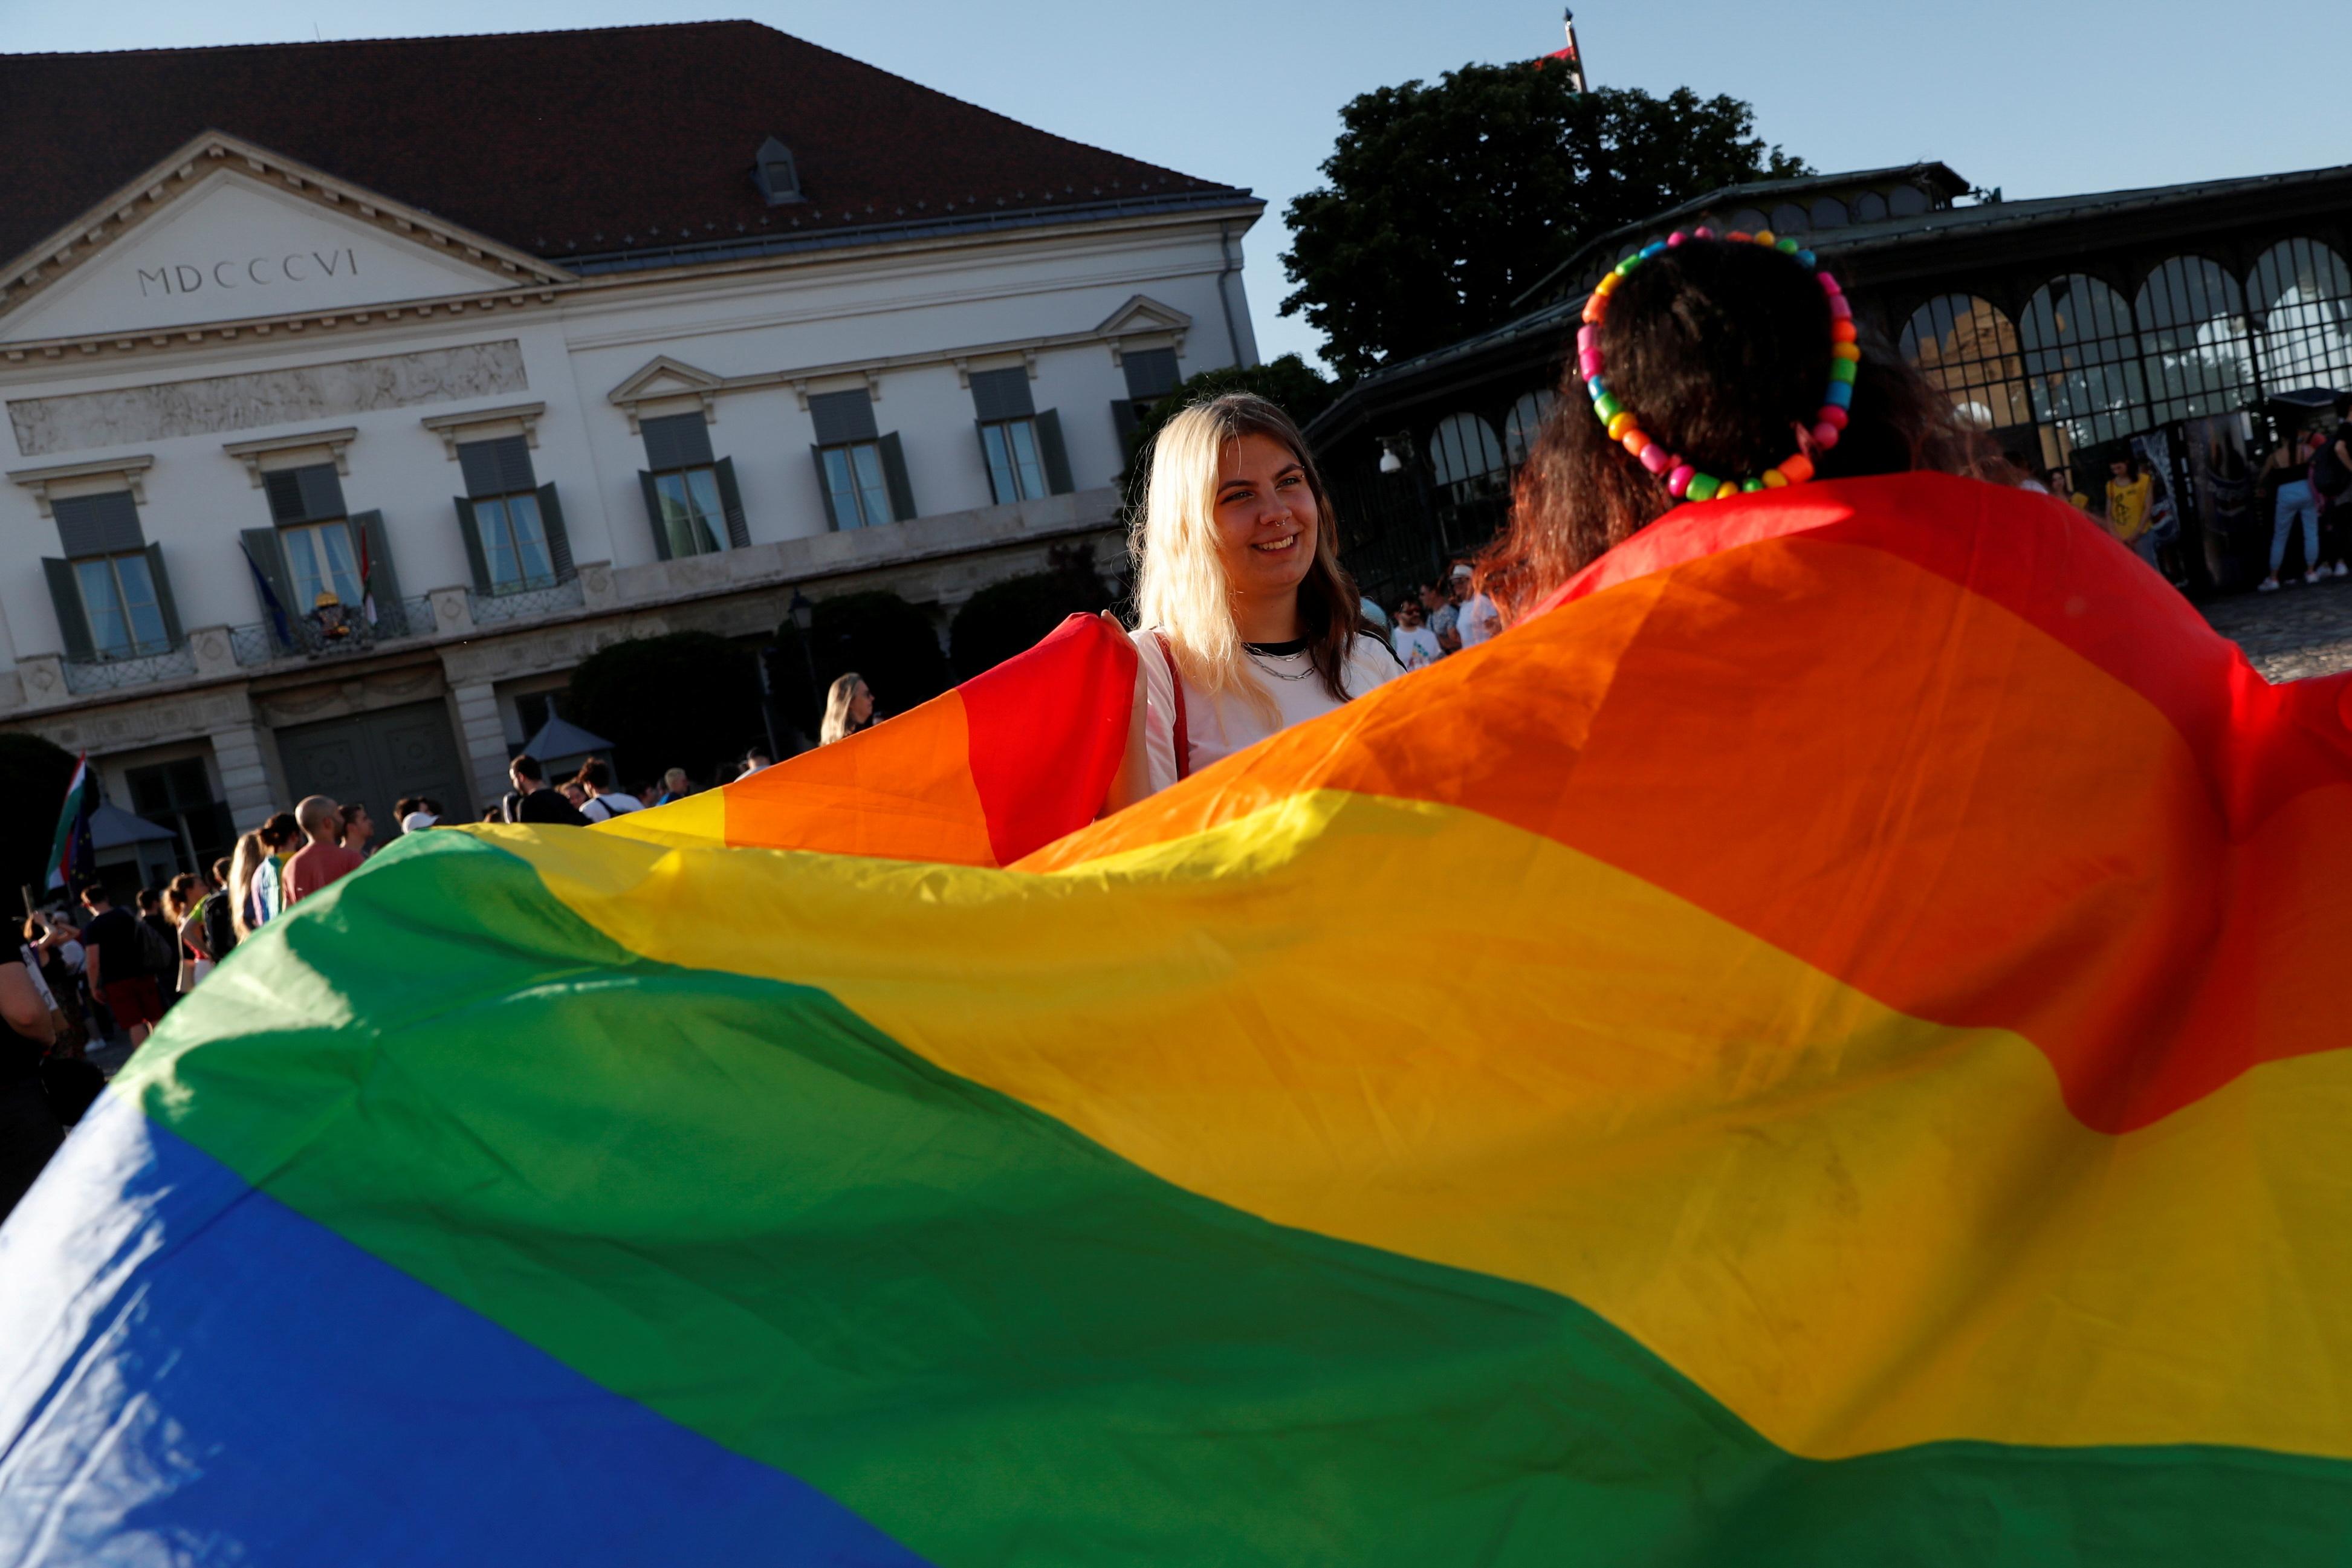 Waandamanaji wanahudhuria maandamano dhidi ya sheria inayopiga marufuku yaliyomo kwenye LGBT mashuleni na vyombo vya habari katika Ikulu ya Rais huko Budapest, Hungary, Juni 16, 2021. REUTERS / Bernadett Szabo / Picha ya Picha